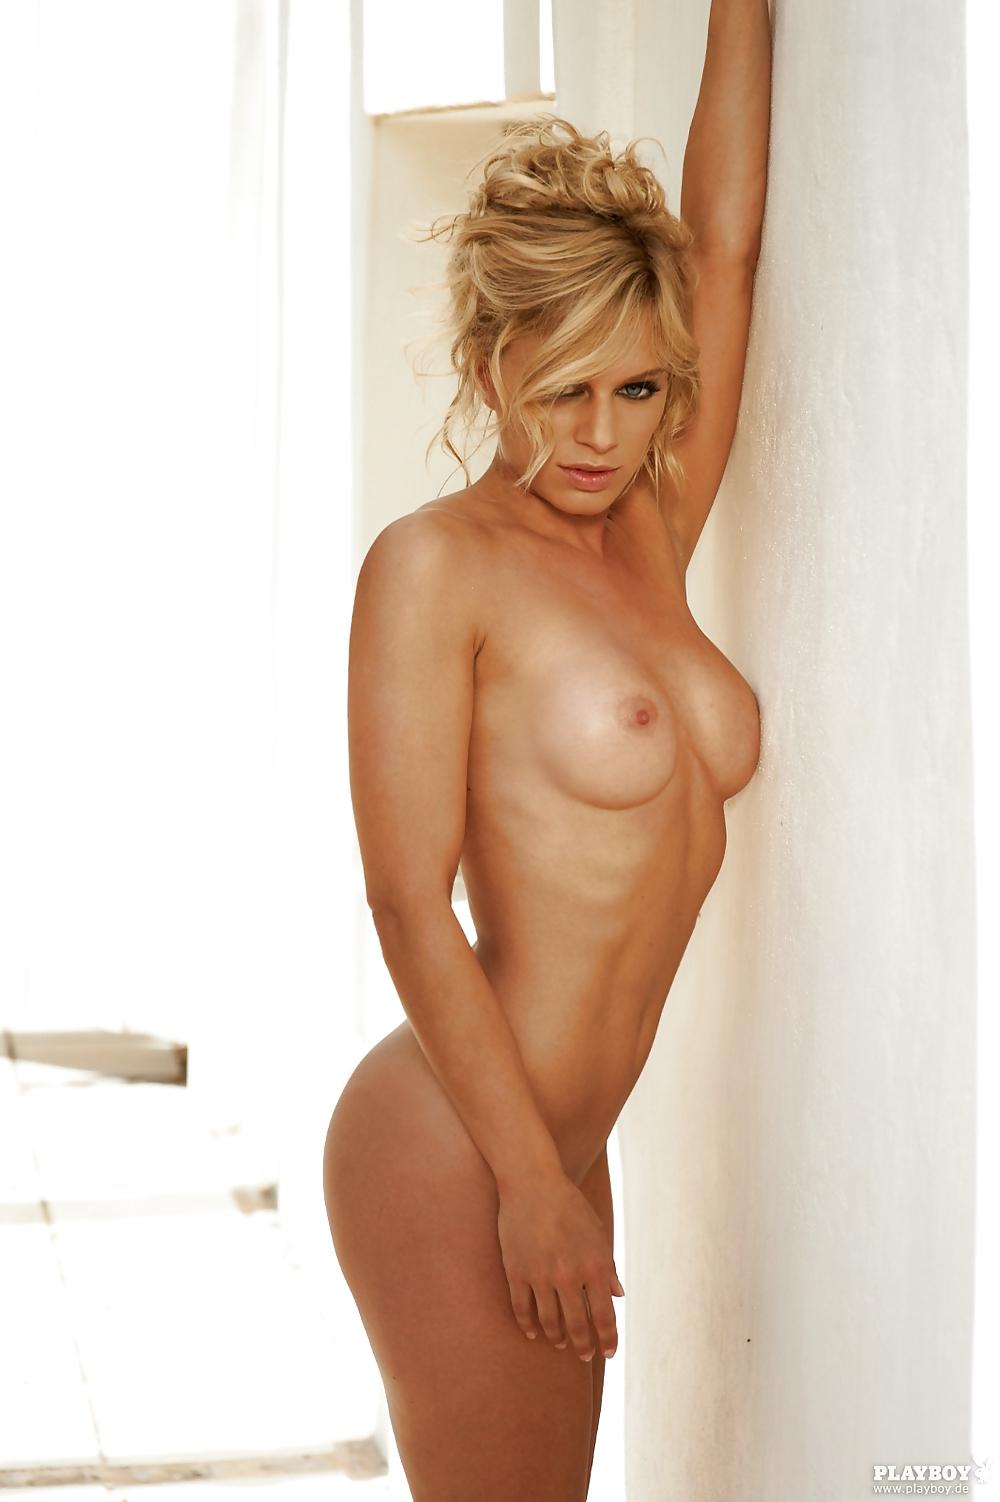 Playboy naked german, slutty horny cheerleaders